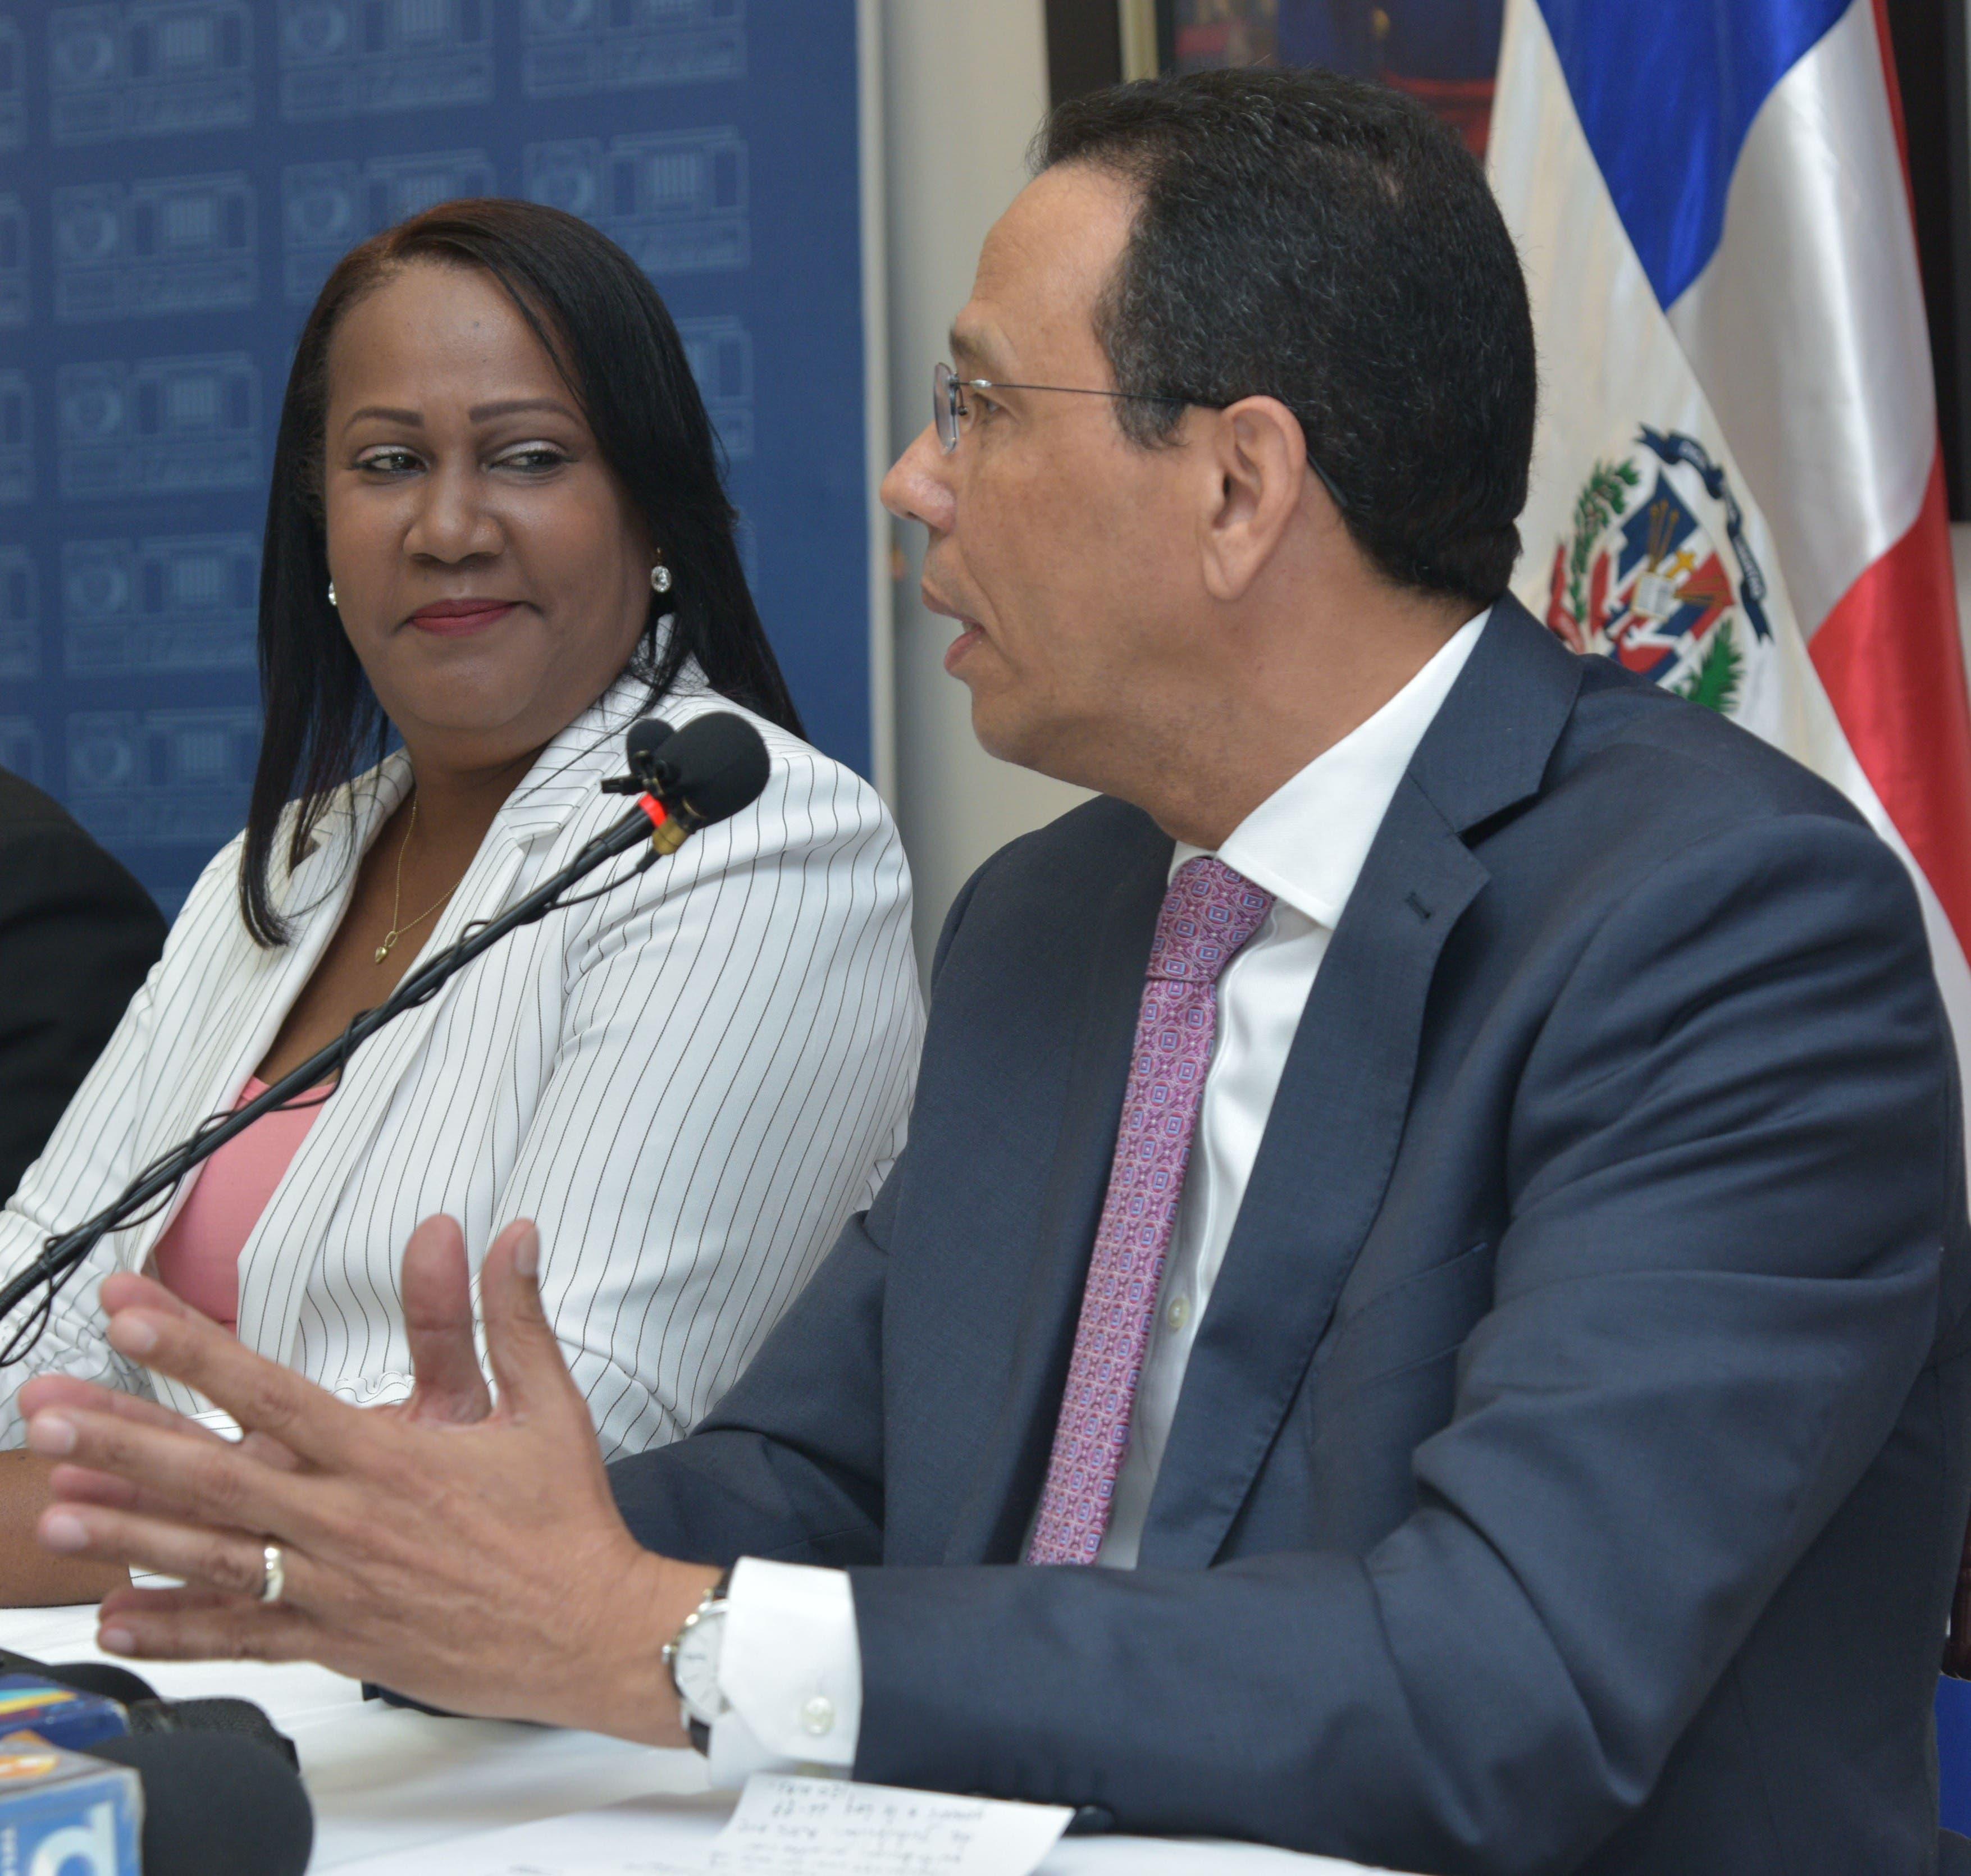 La presidenta de la ADP, Xiomara Guante y el ministro de Educación, Antonio Peña Mirabal.